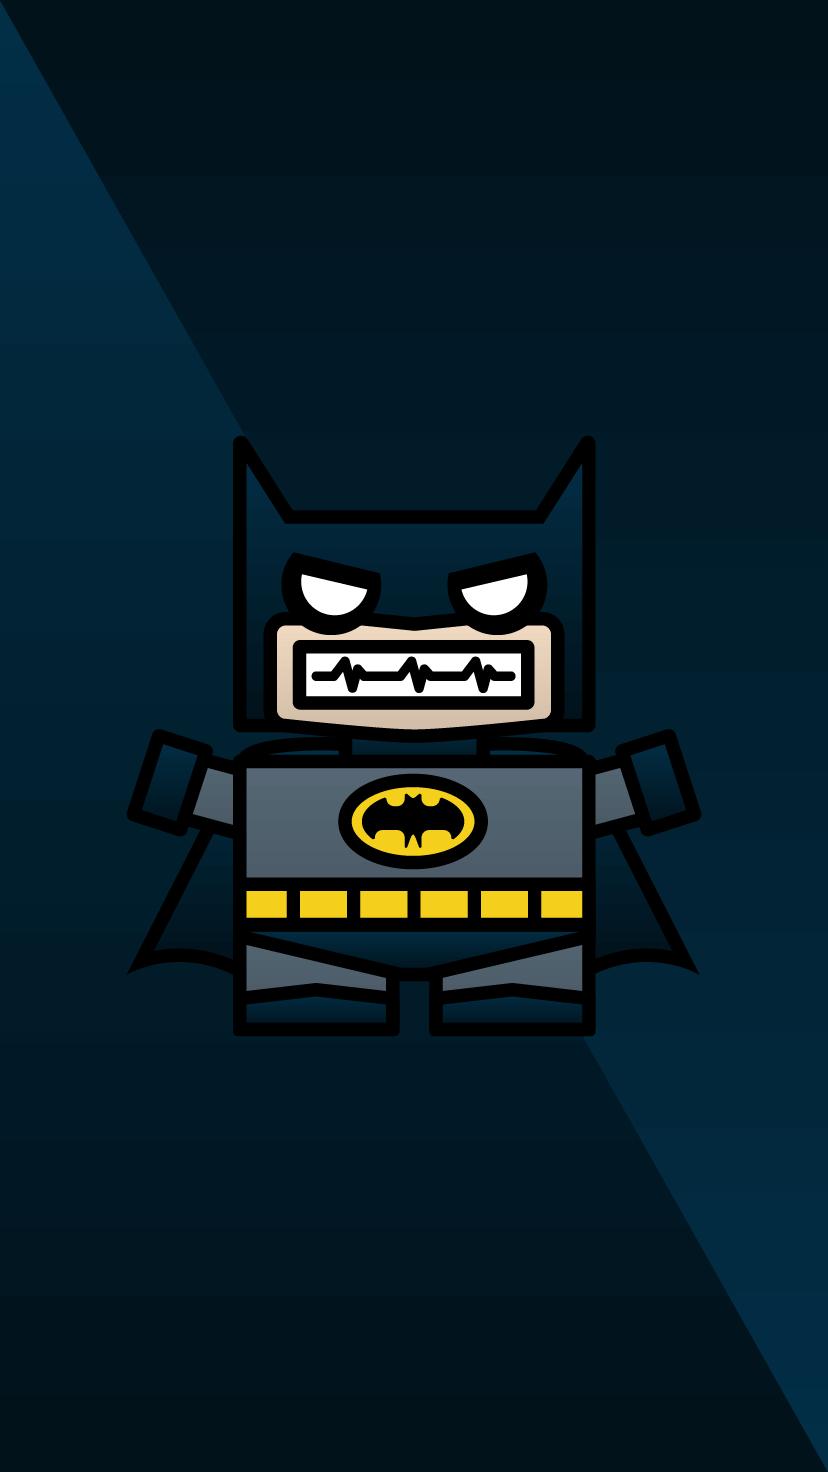 Cute Batman Iphone Wallpapers Top Free Cute Batman Iphone Backgrounds Wallpaperaccess